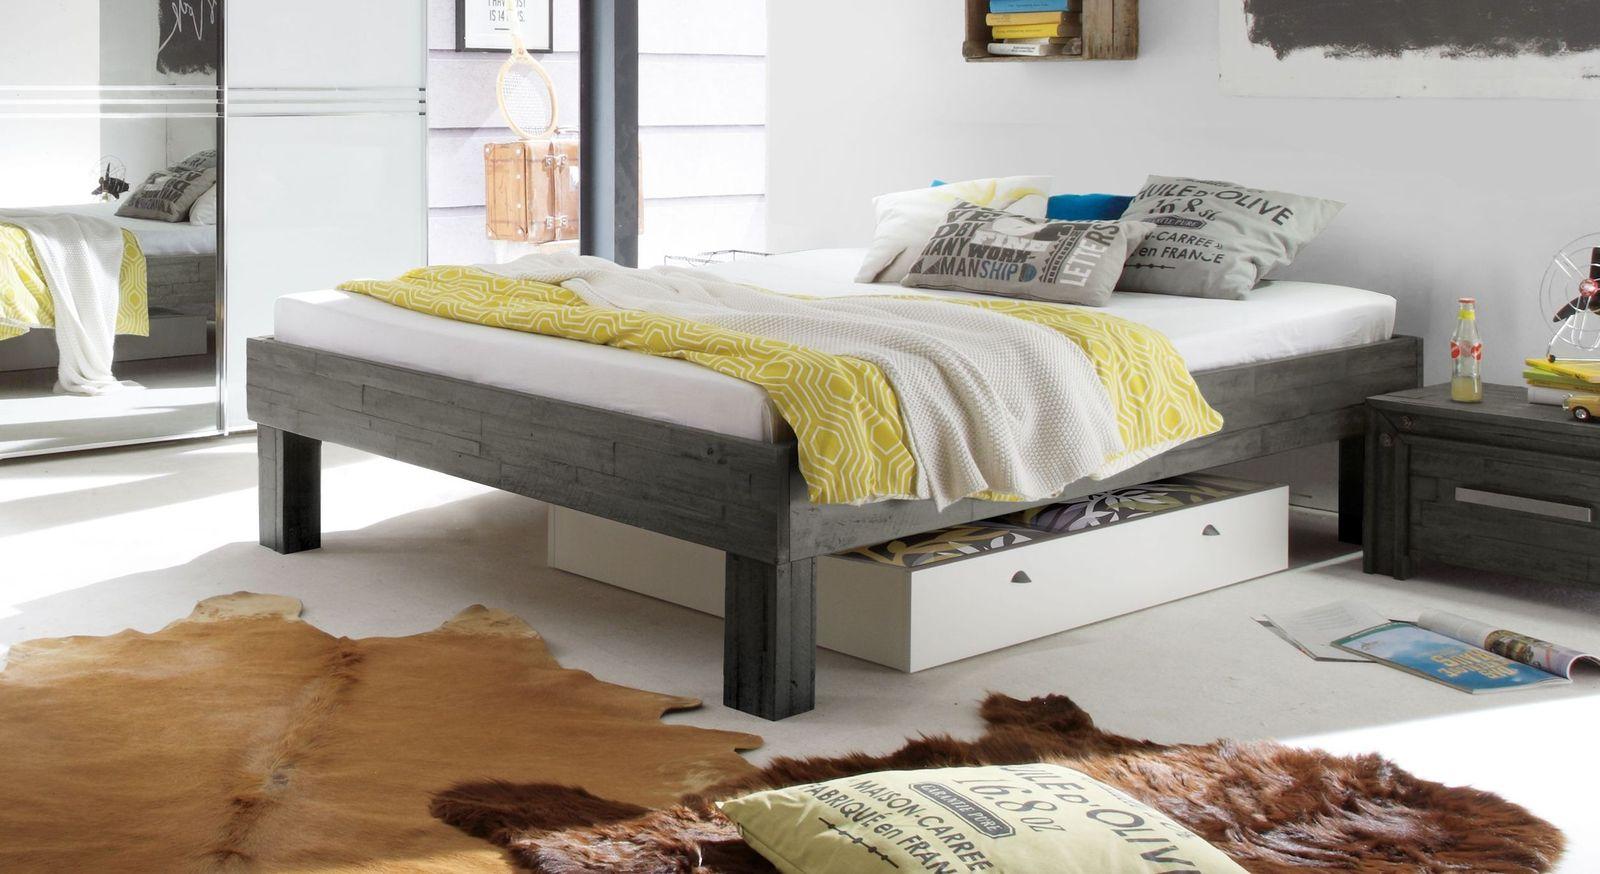 Komfortable Liege Caldera in Grau mit 25 cm hohen Füßen